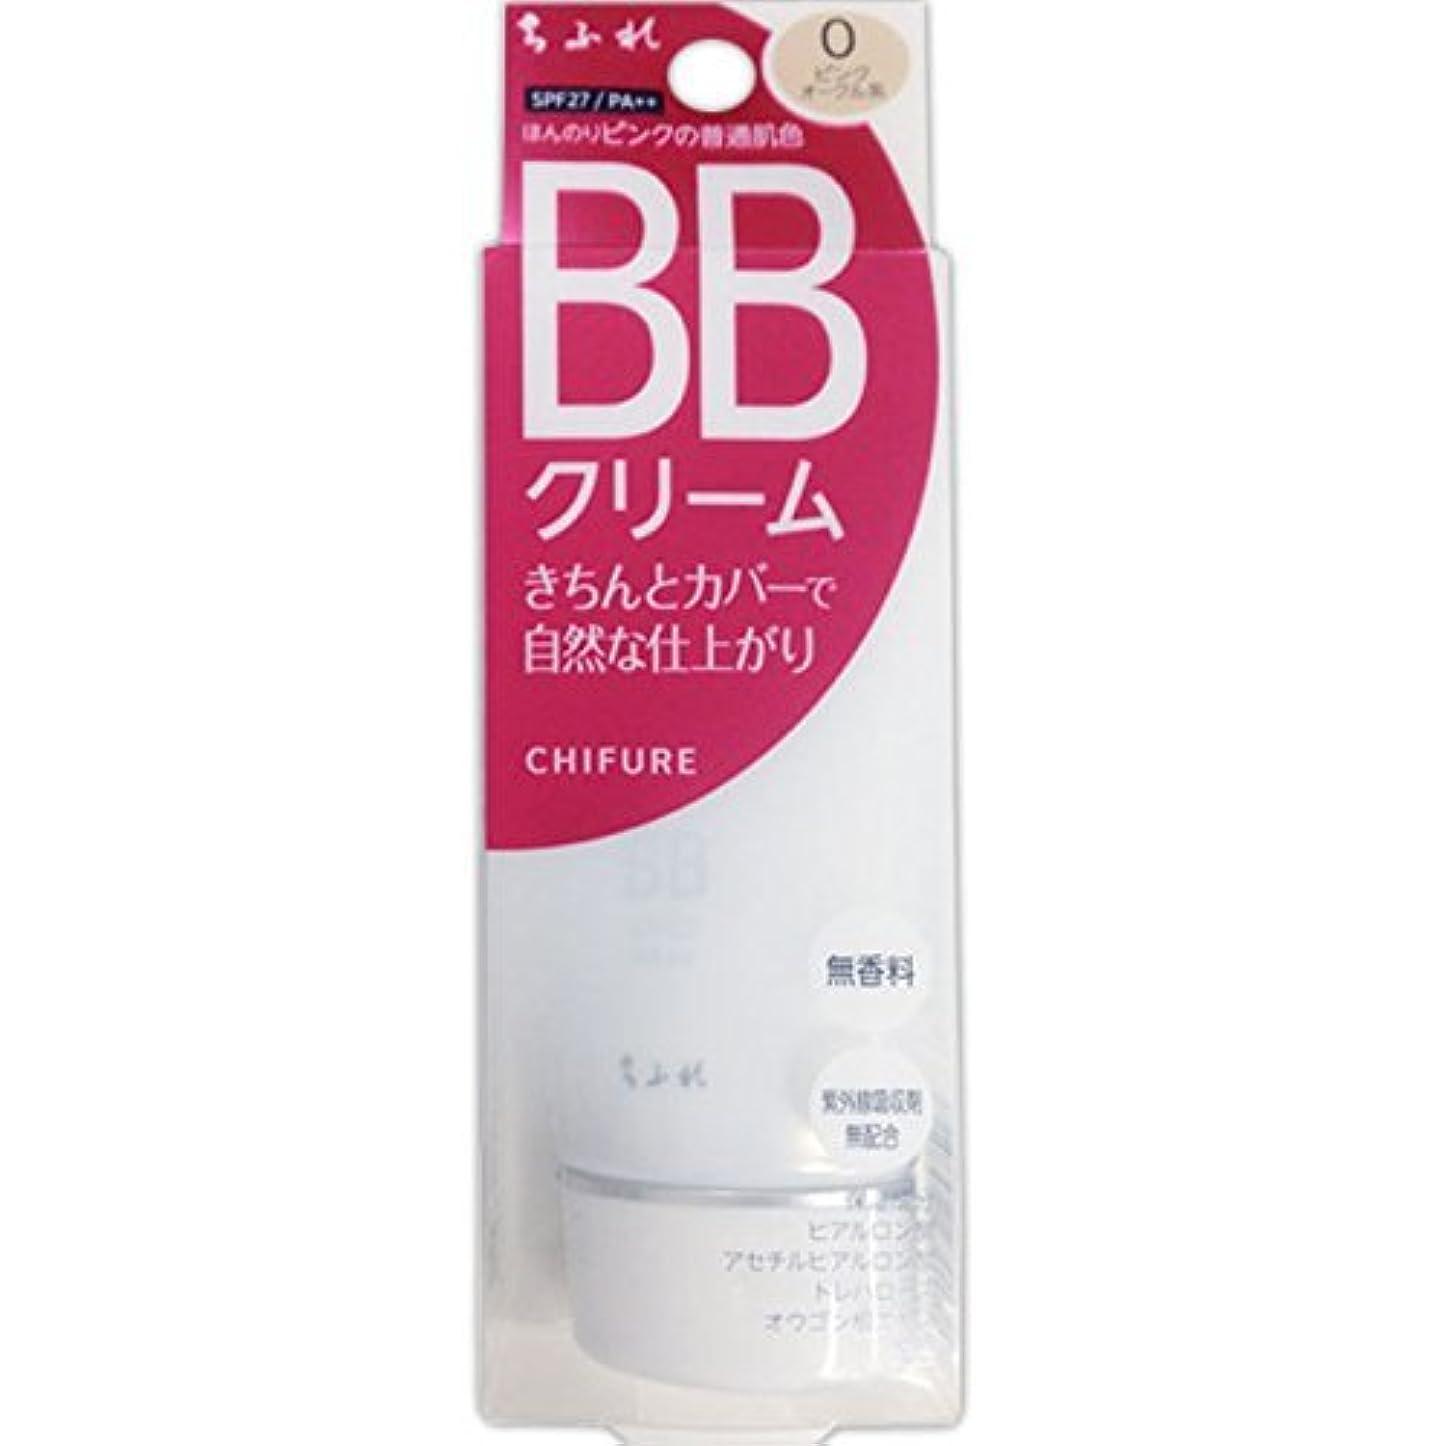 選択する詐欺寄付ちふれ化粧品 BB クリーム ほんのりピンクの普通肌色 0